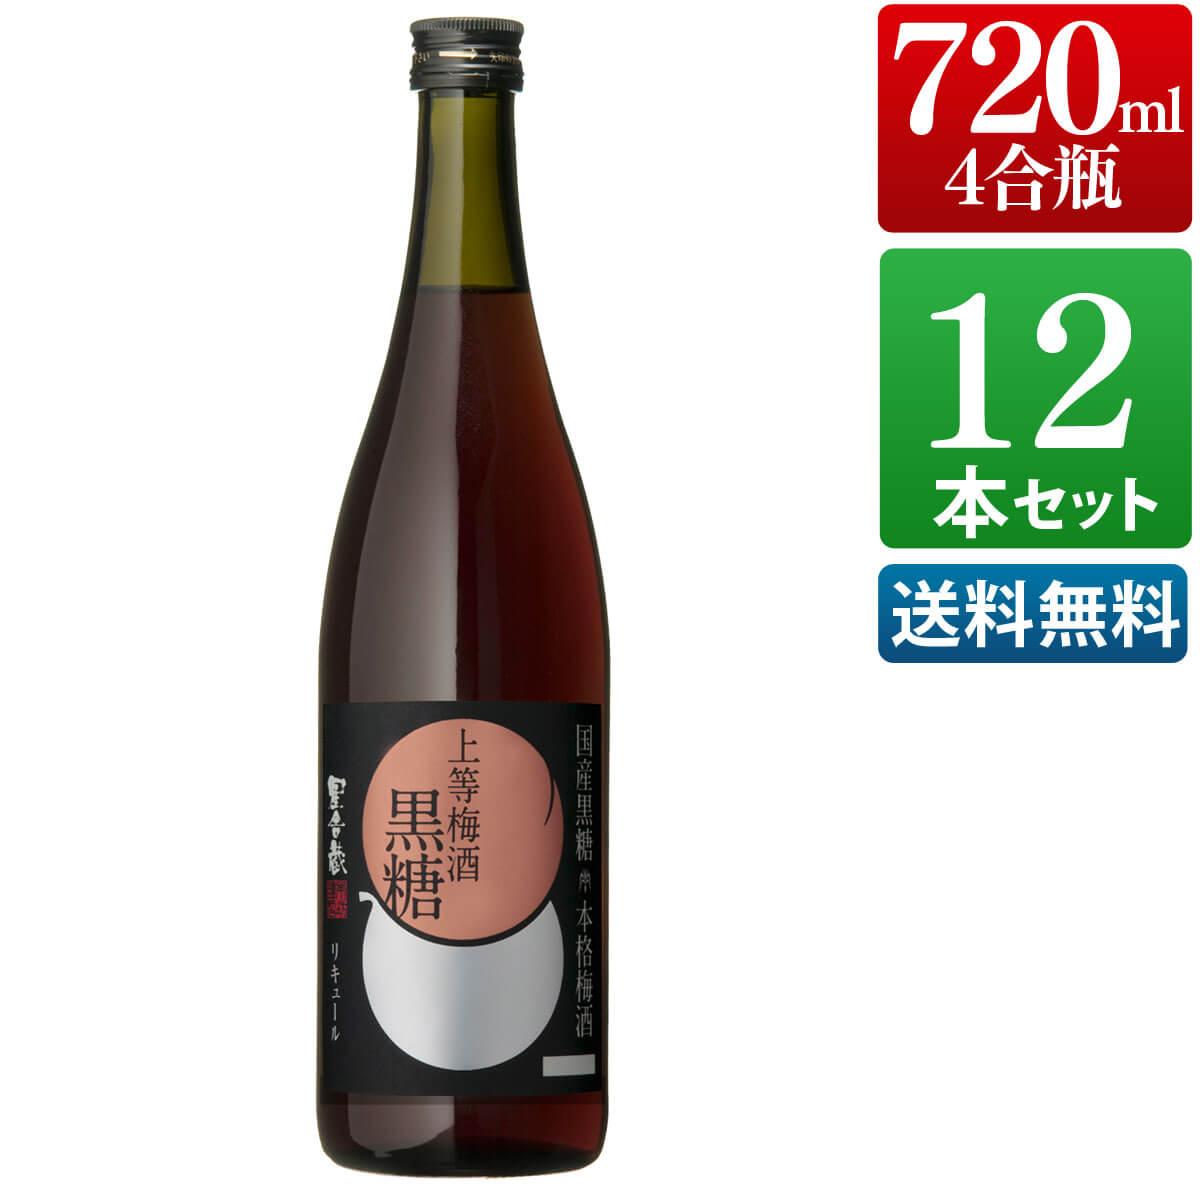 【エントリーで ポイント+21倍】 本格梅酒 12本セット 上等梅酒 黒糖 14度 720ml [ 本坊酒造 梅酒 / 送料無料 ]